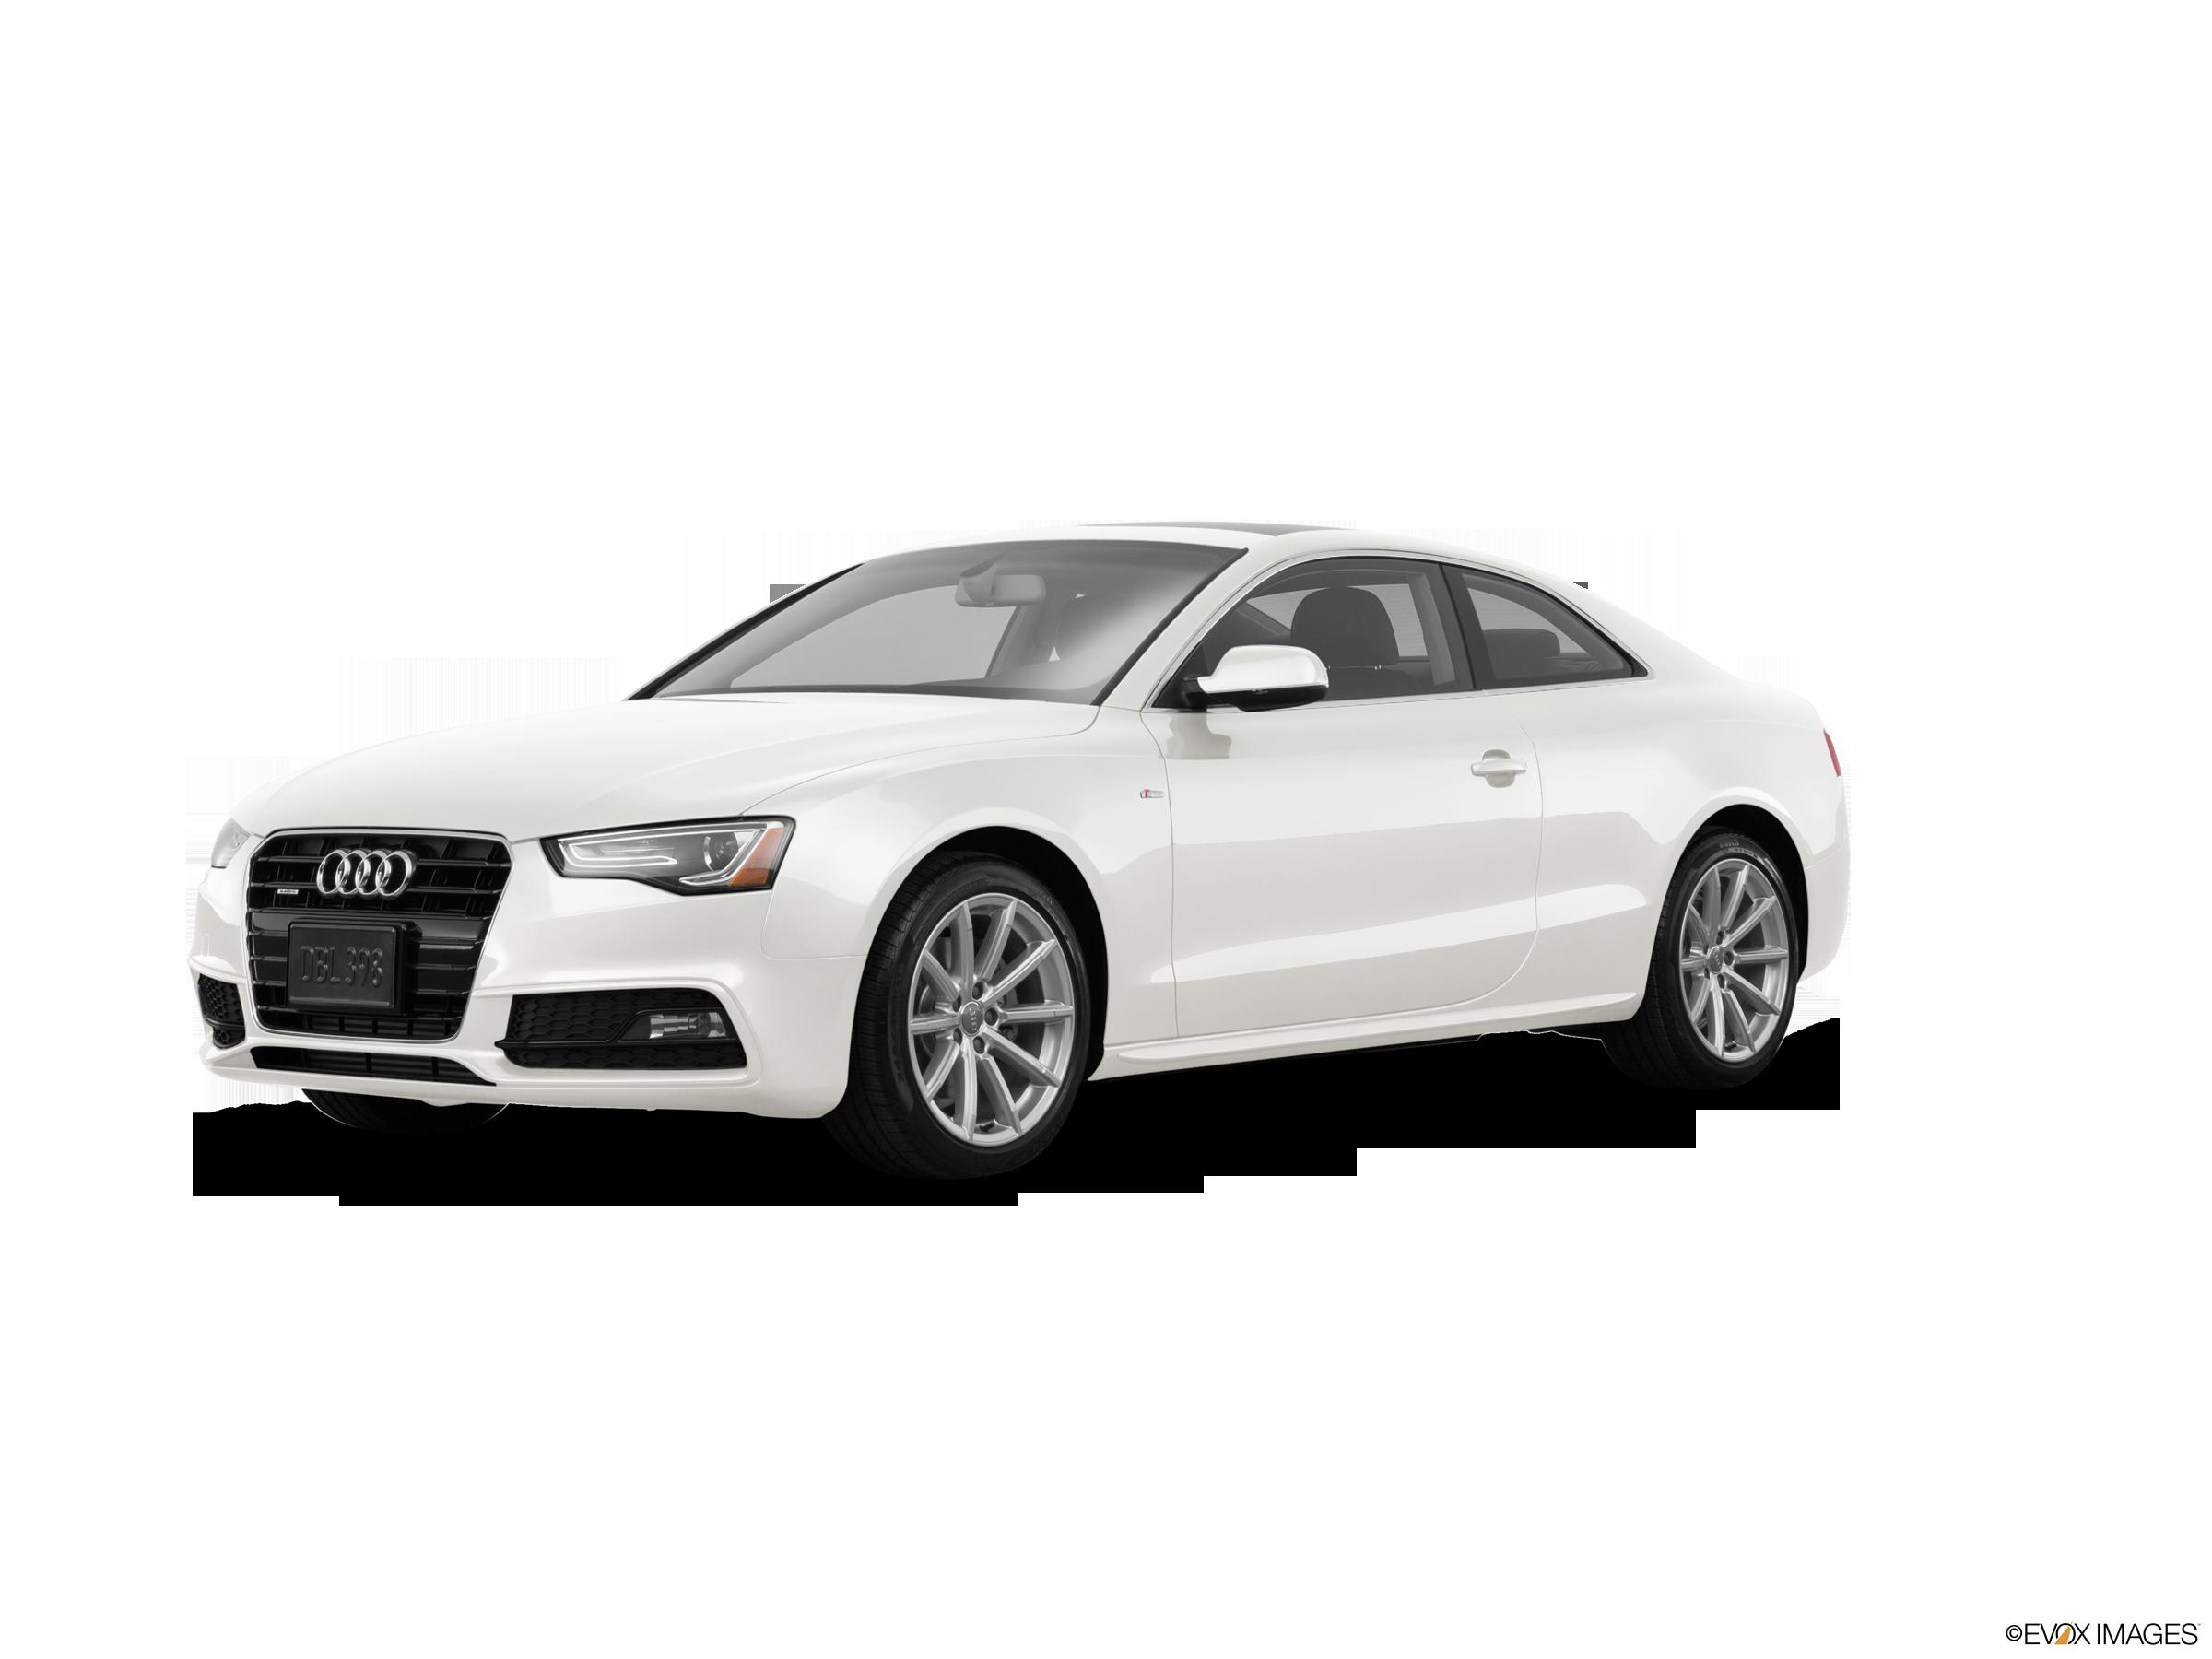 Kelebihan Audi A5 2016 Spesifikasi